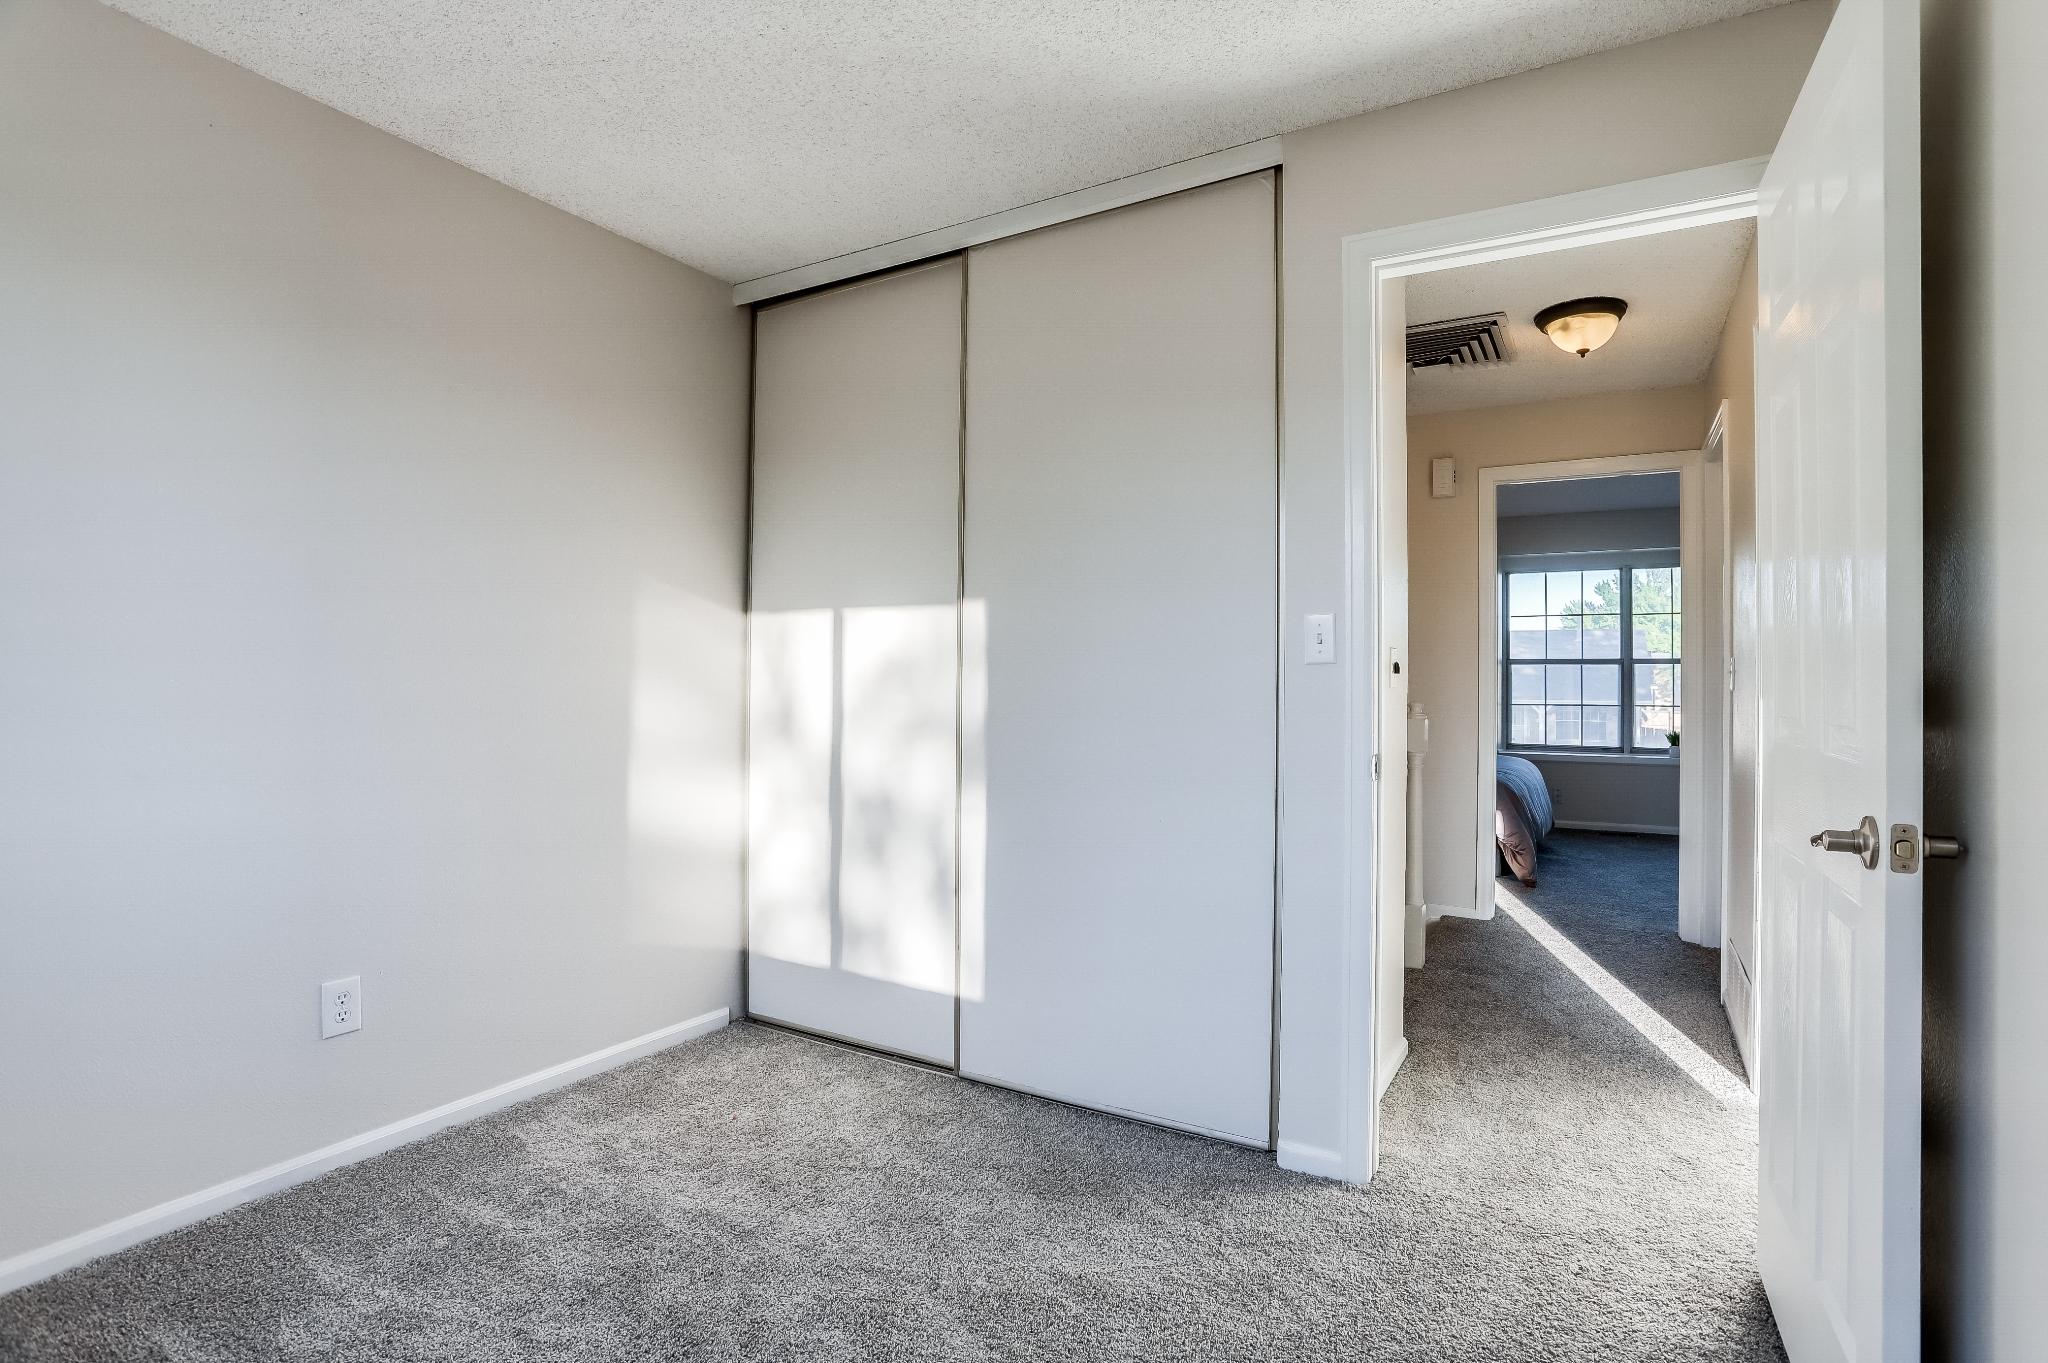 REAL ESTATE LISTING: 4421 Eugene Way Denver Bedroom #2